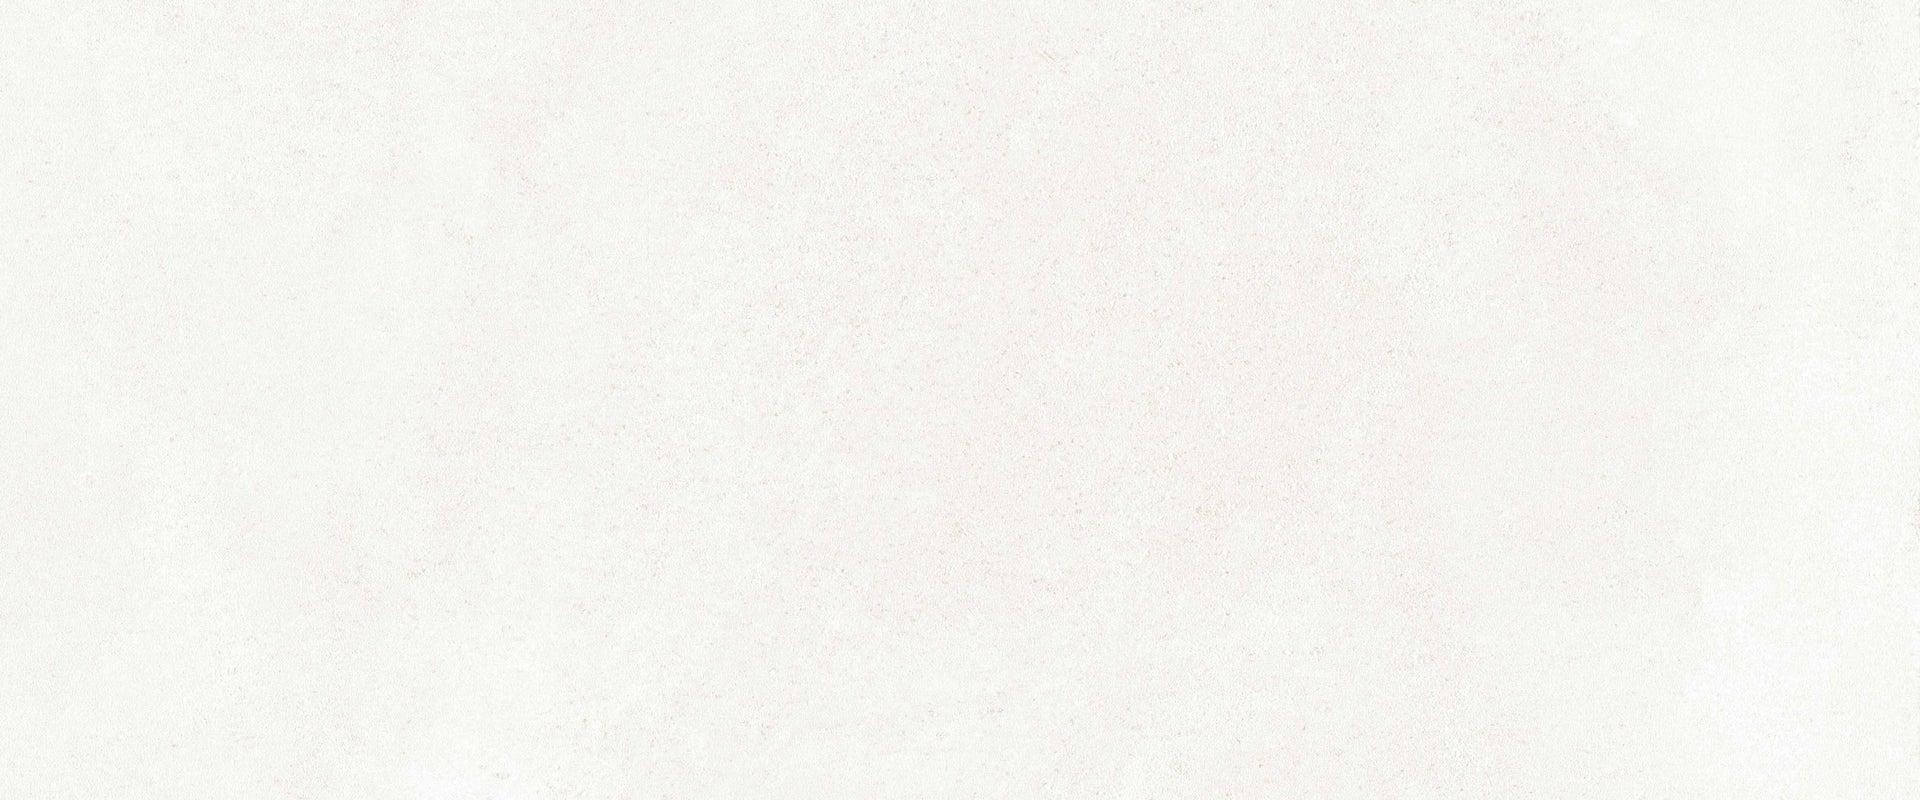 Piastrella per rivestimenti Concrete 25 x 60 cm sp. 8 mm bianco - 2